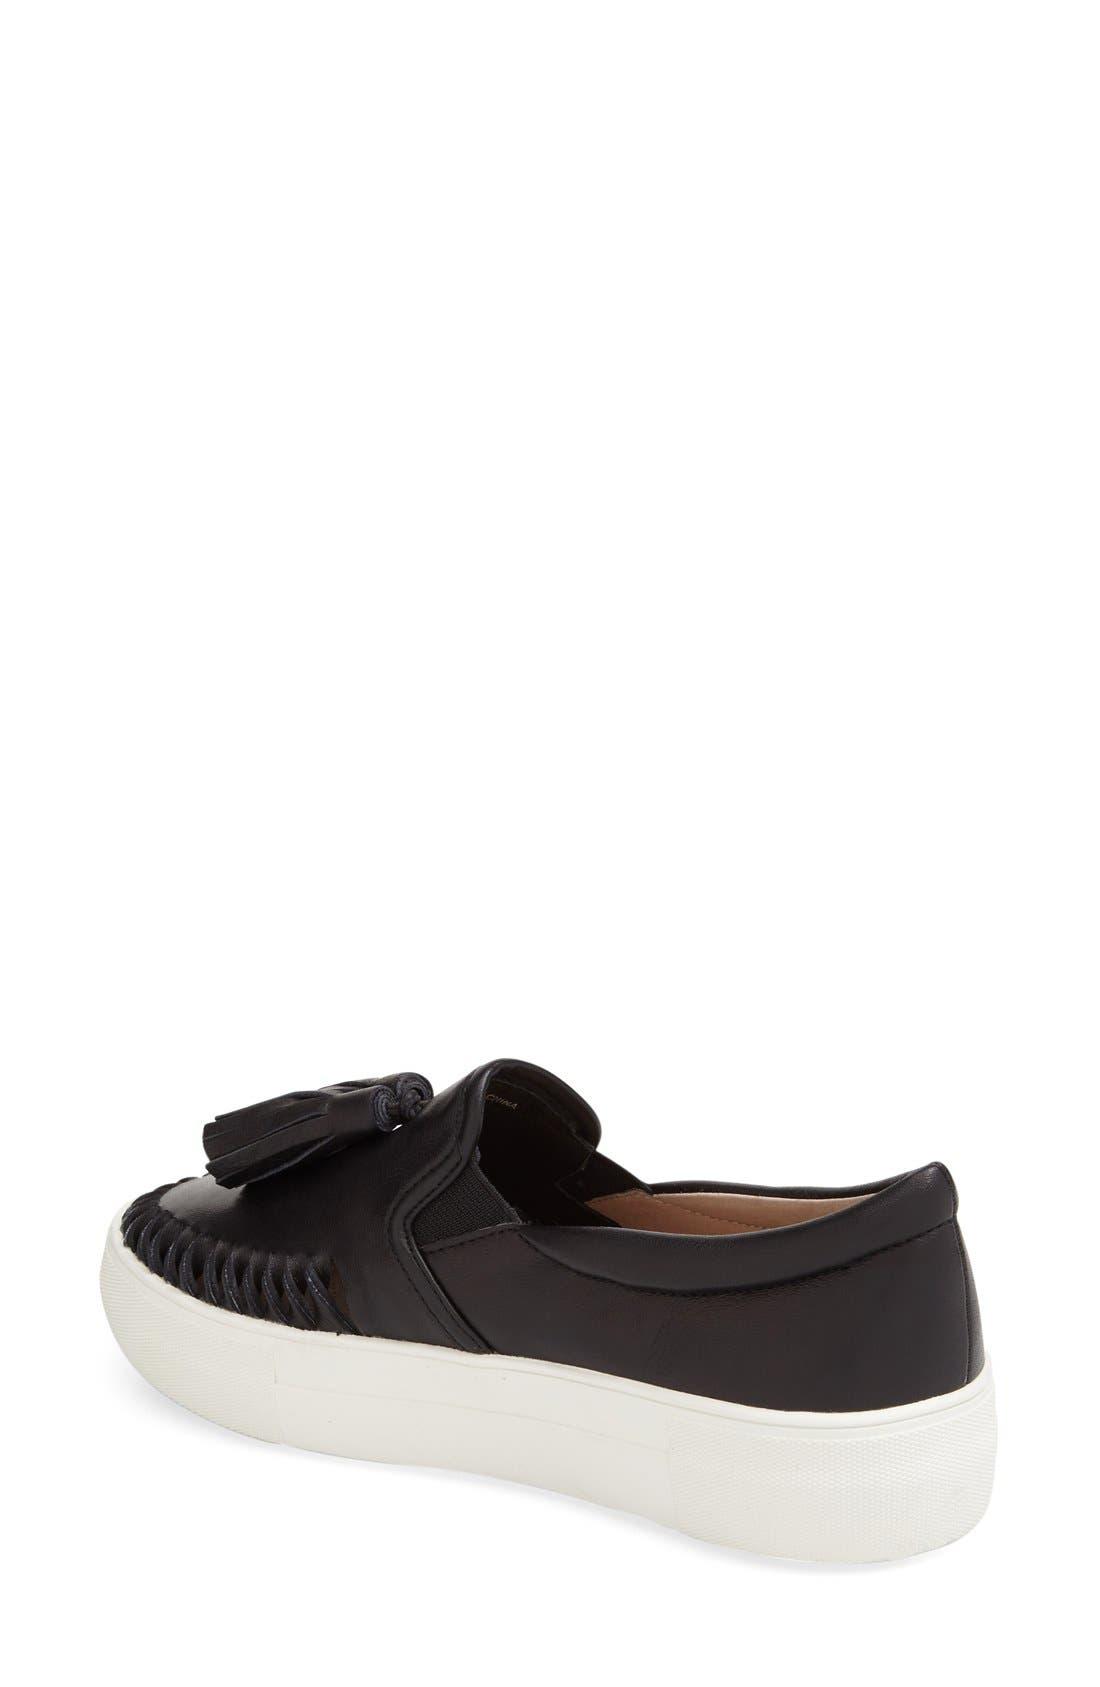 Tassel Slip-On Sneaker,                             Alternate thumbnail 2, color,                             BLACK LEATHER